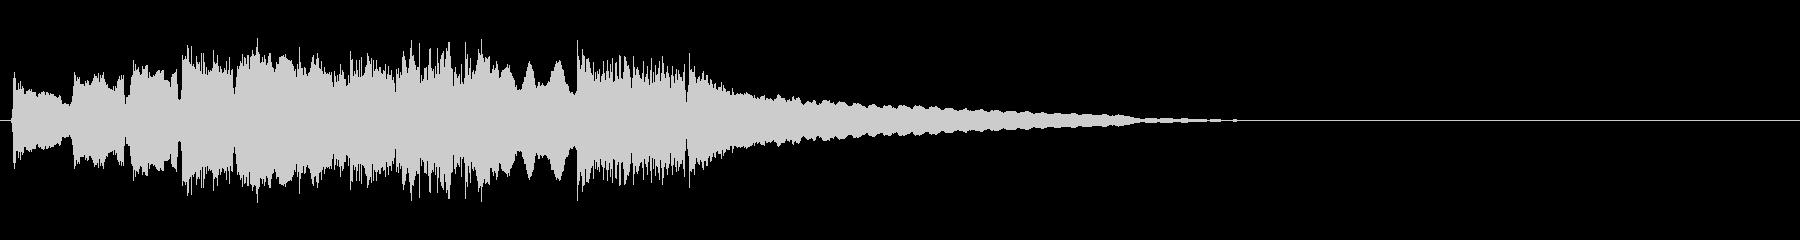 哀愁あるギターのジングルの未再生の波形